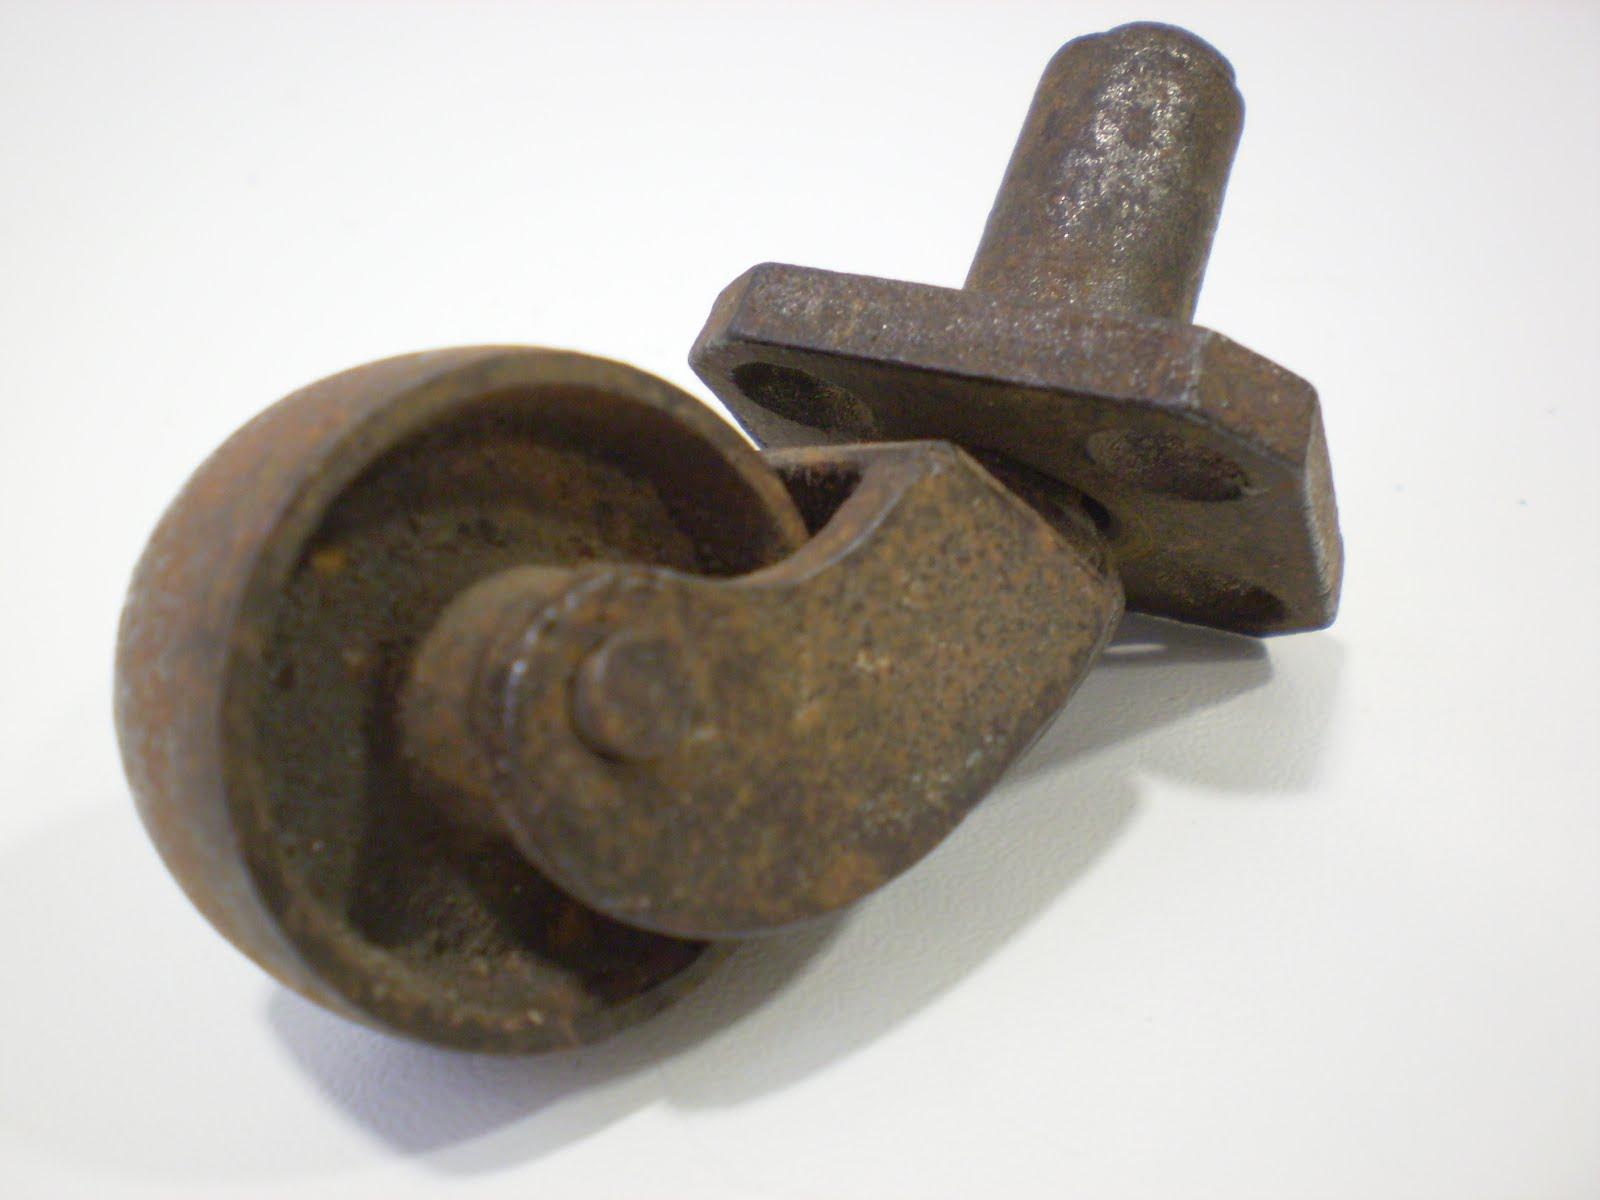 vintager a ruedas industriales vintage para decoraci n On comprar ruedas industriales vintage